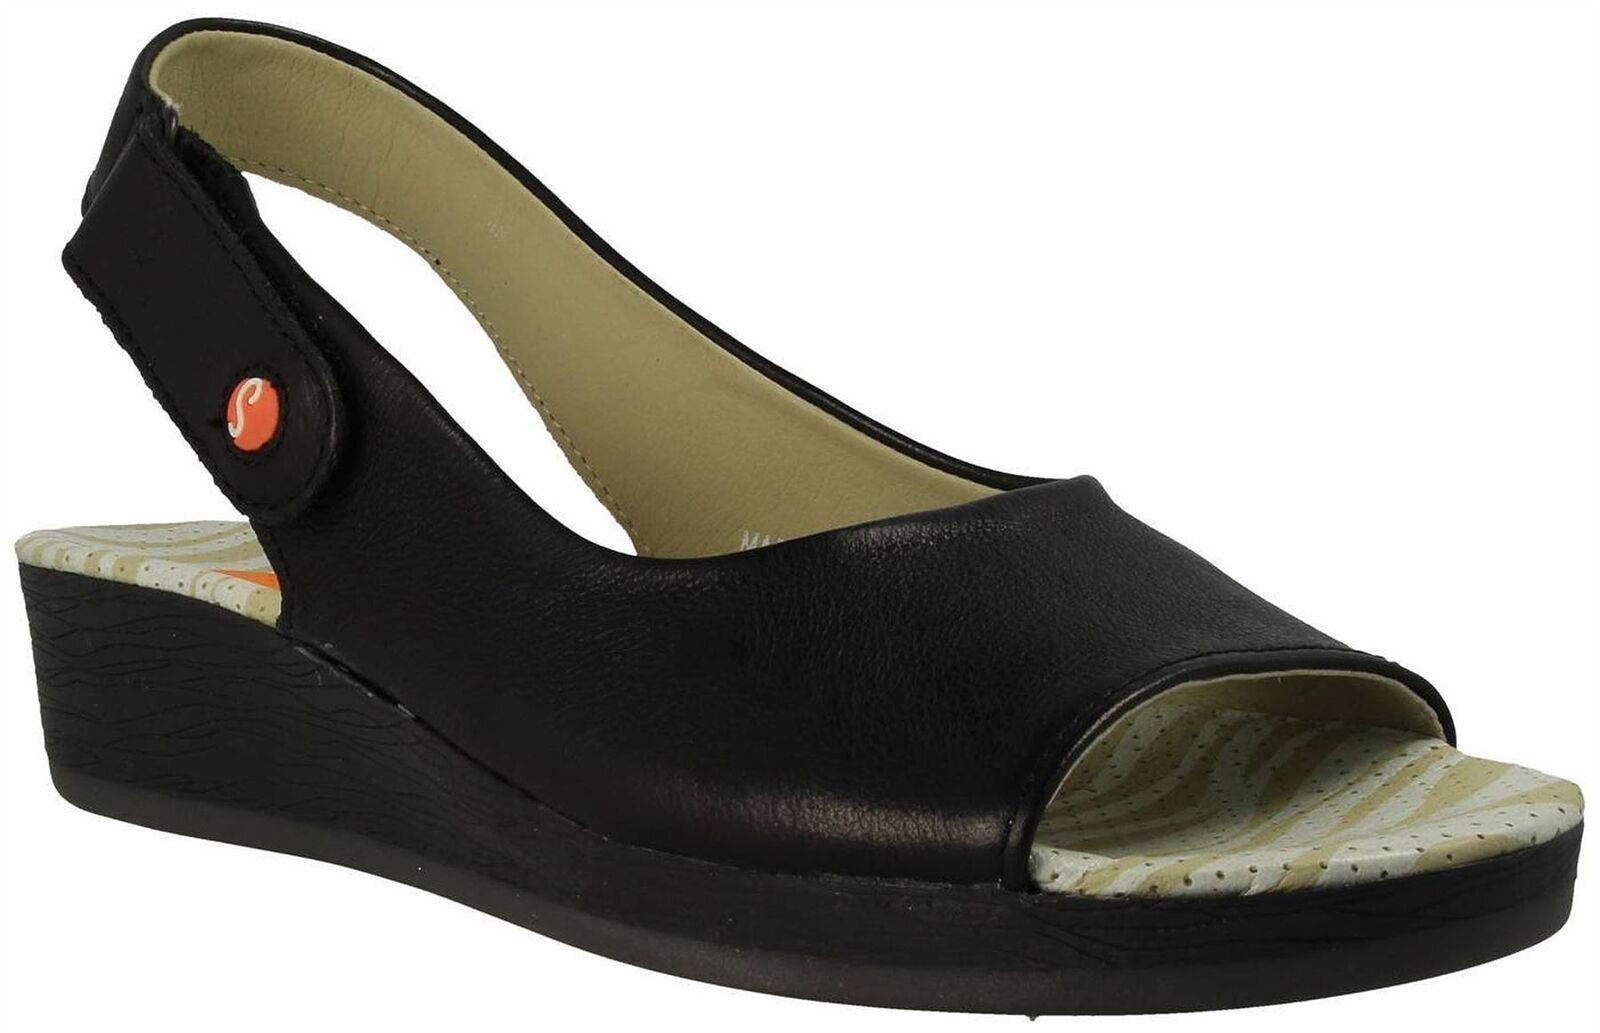 Zapatos casuales salvajes Descuento por tiempo limitado Softinos Ladies Black Leather Slingback Sandals ALL454SOF